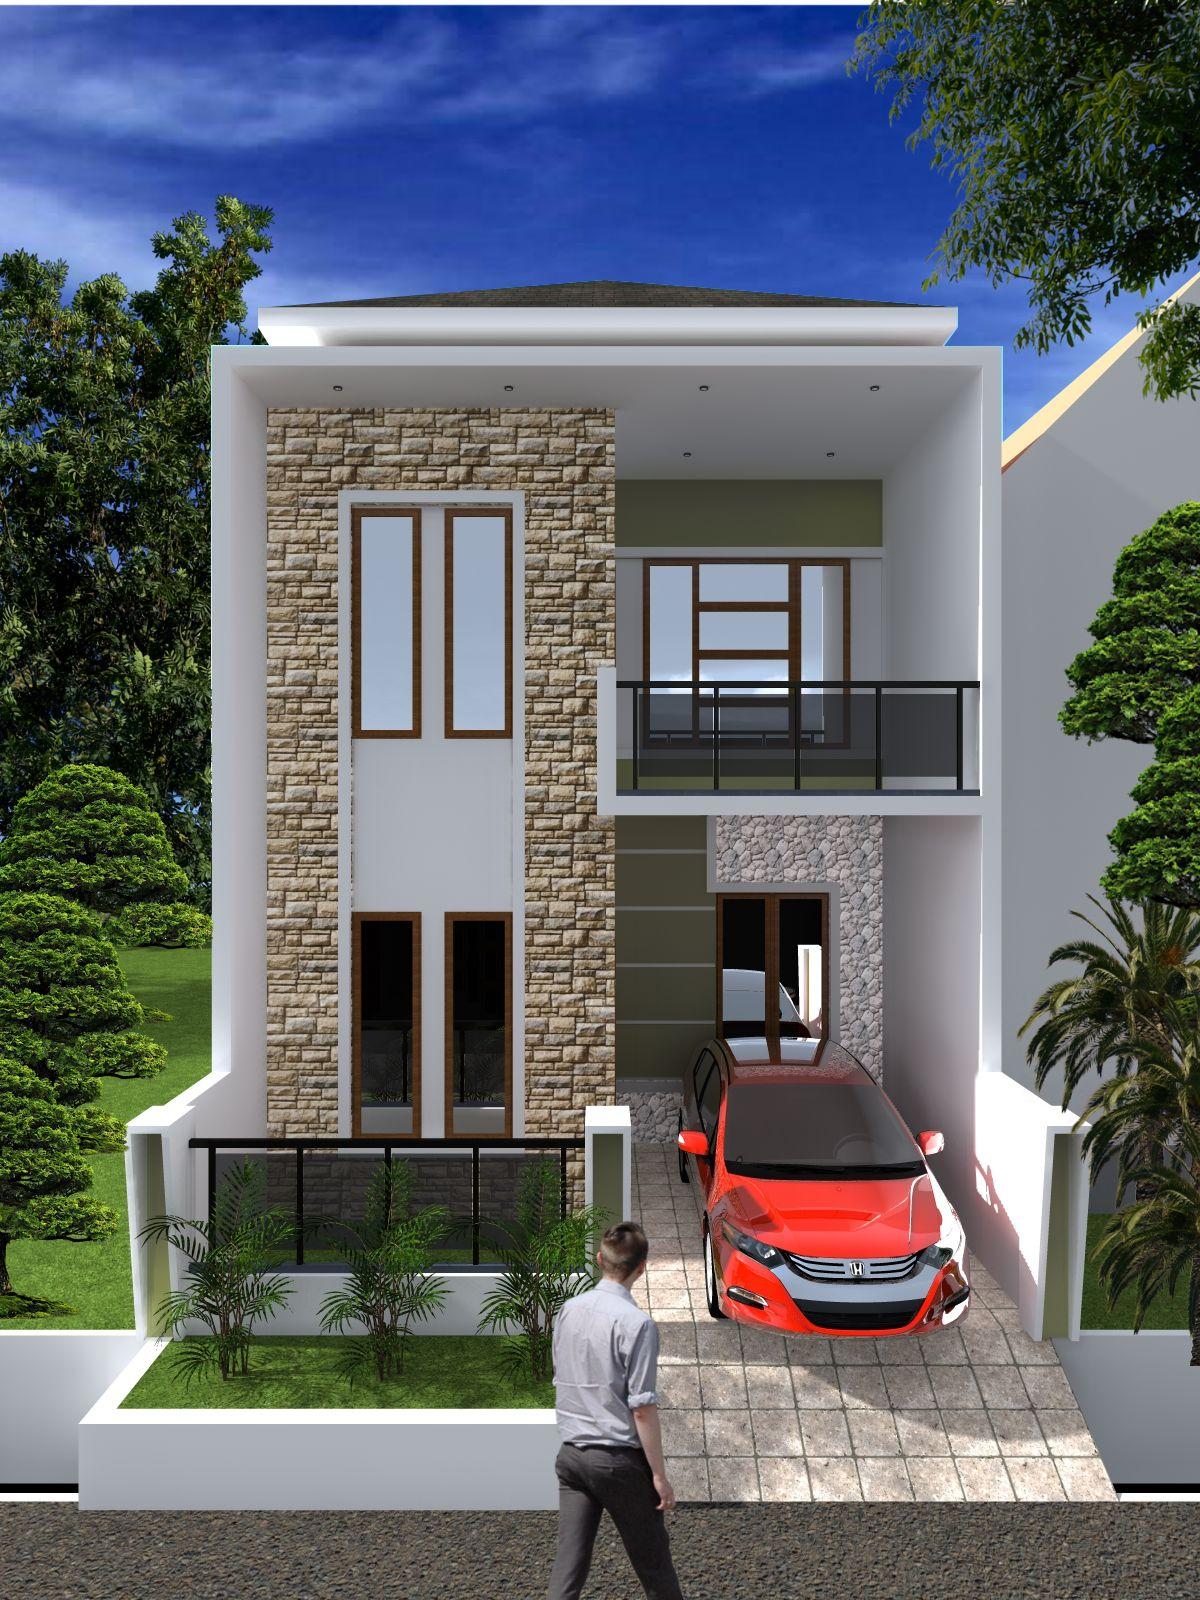 Pin Oleh Chleo Colleen Trinidad Di Design Eksterior Rumah Modern Arsitektur Rumah Rumah Minimalis